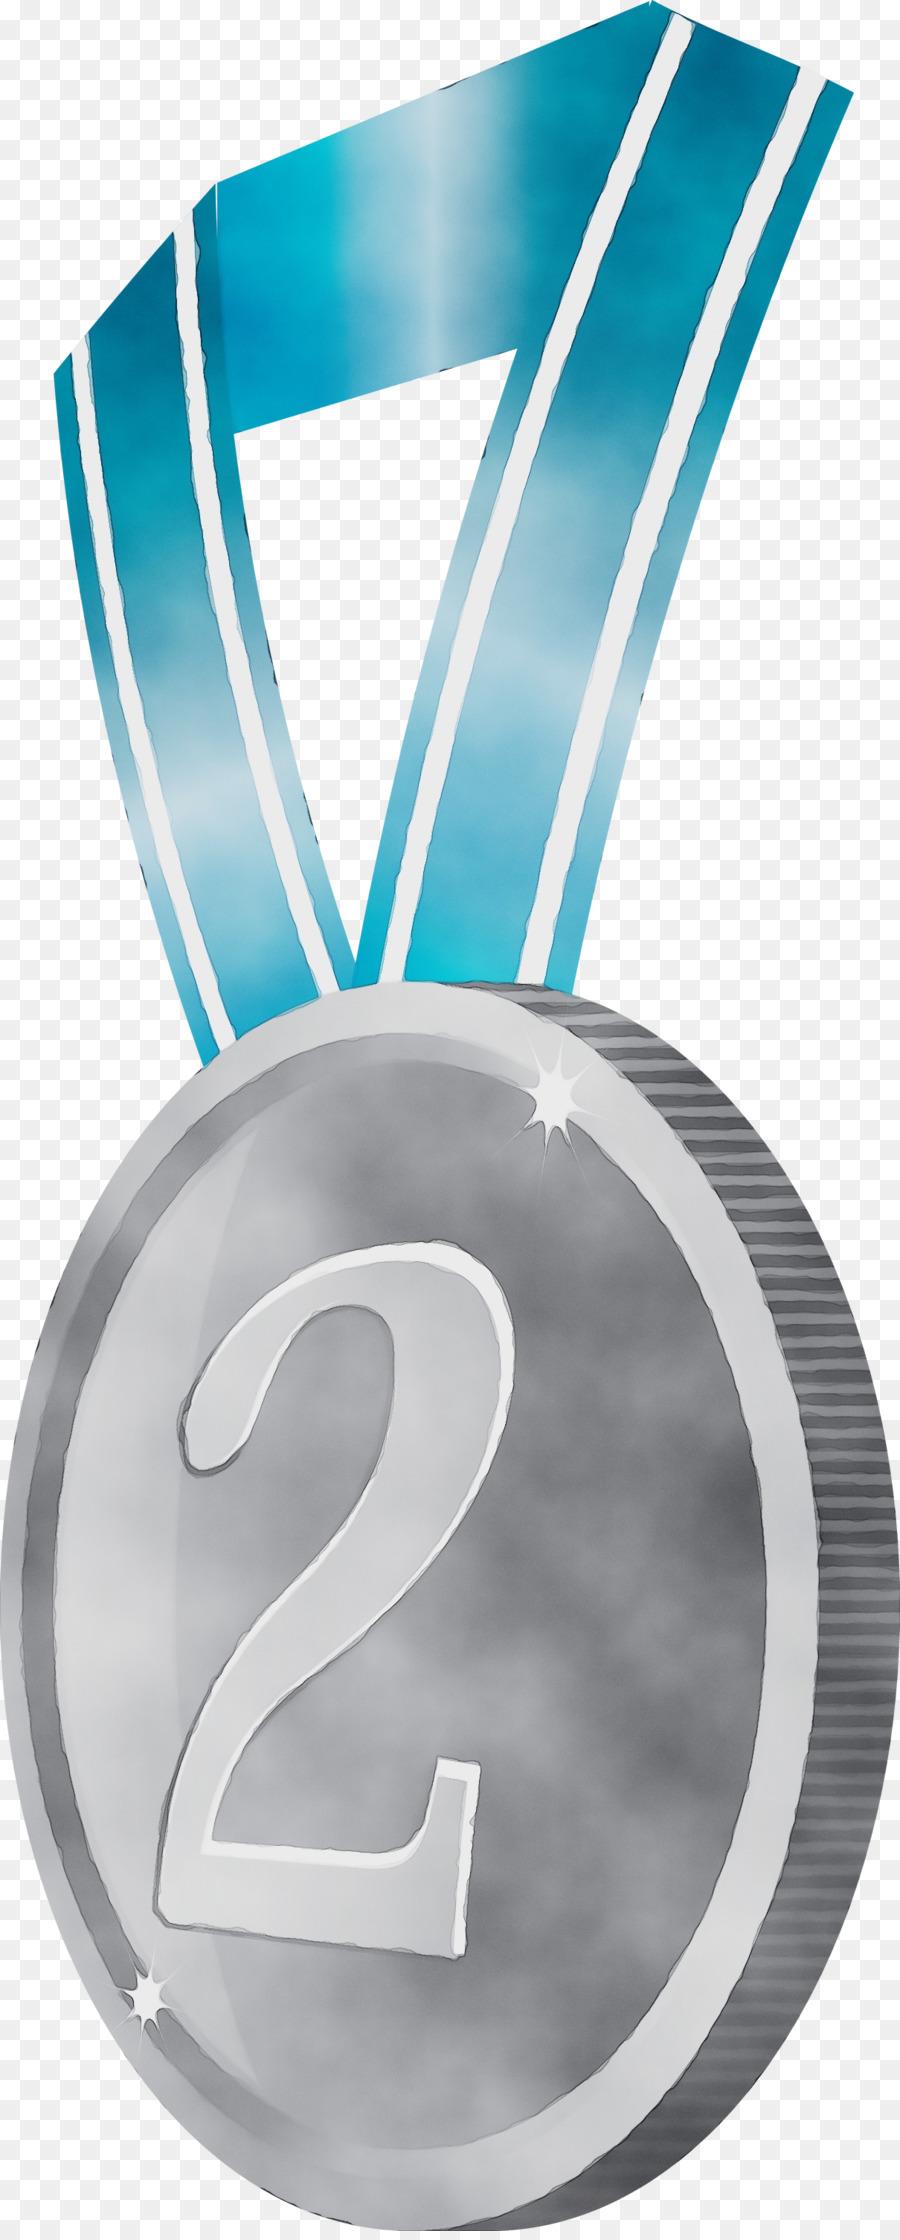 Descarga gratuita de Medalla, Medalla De Oro, Medalla De Plata Imágen de Png